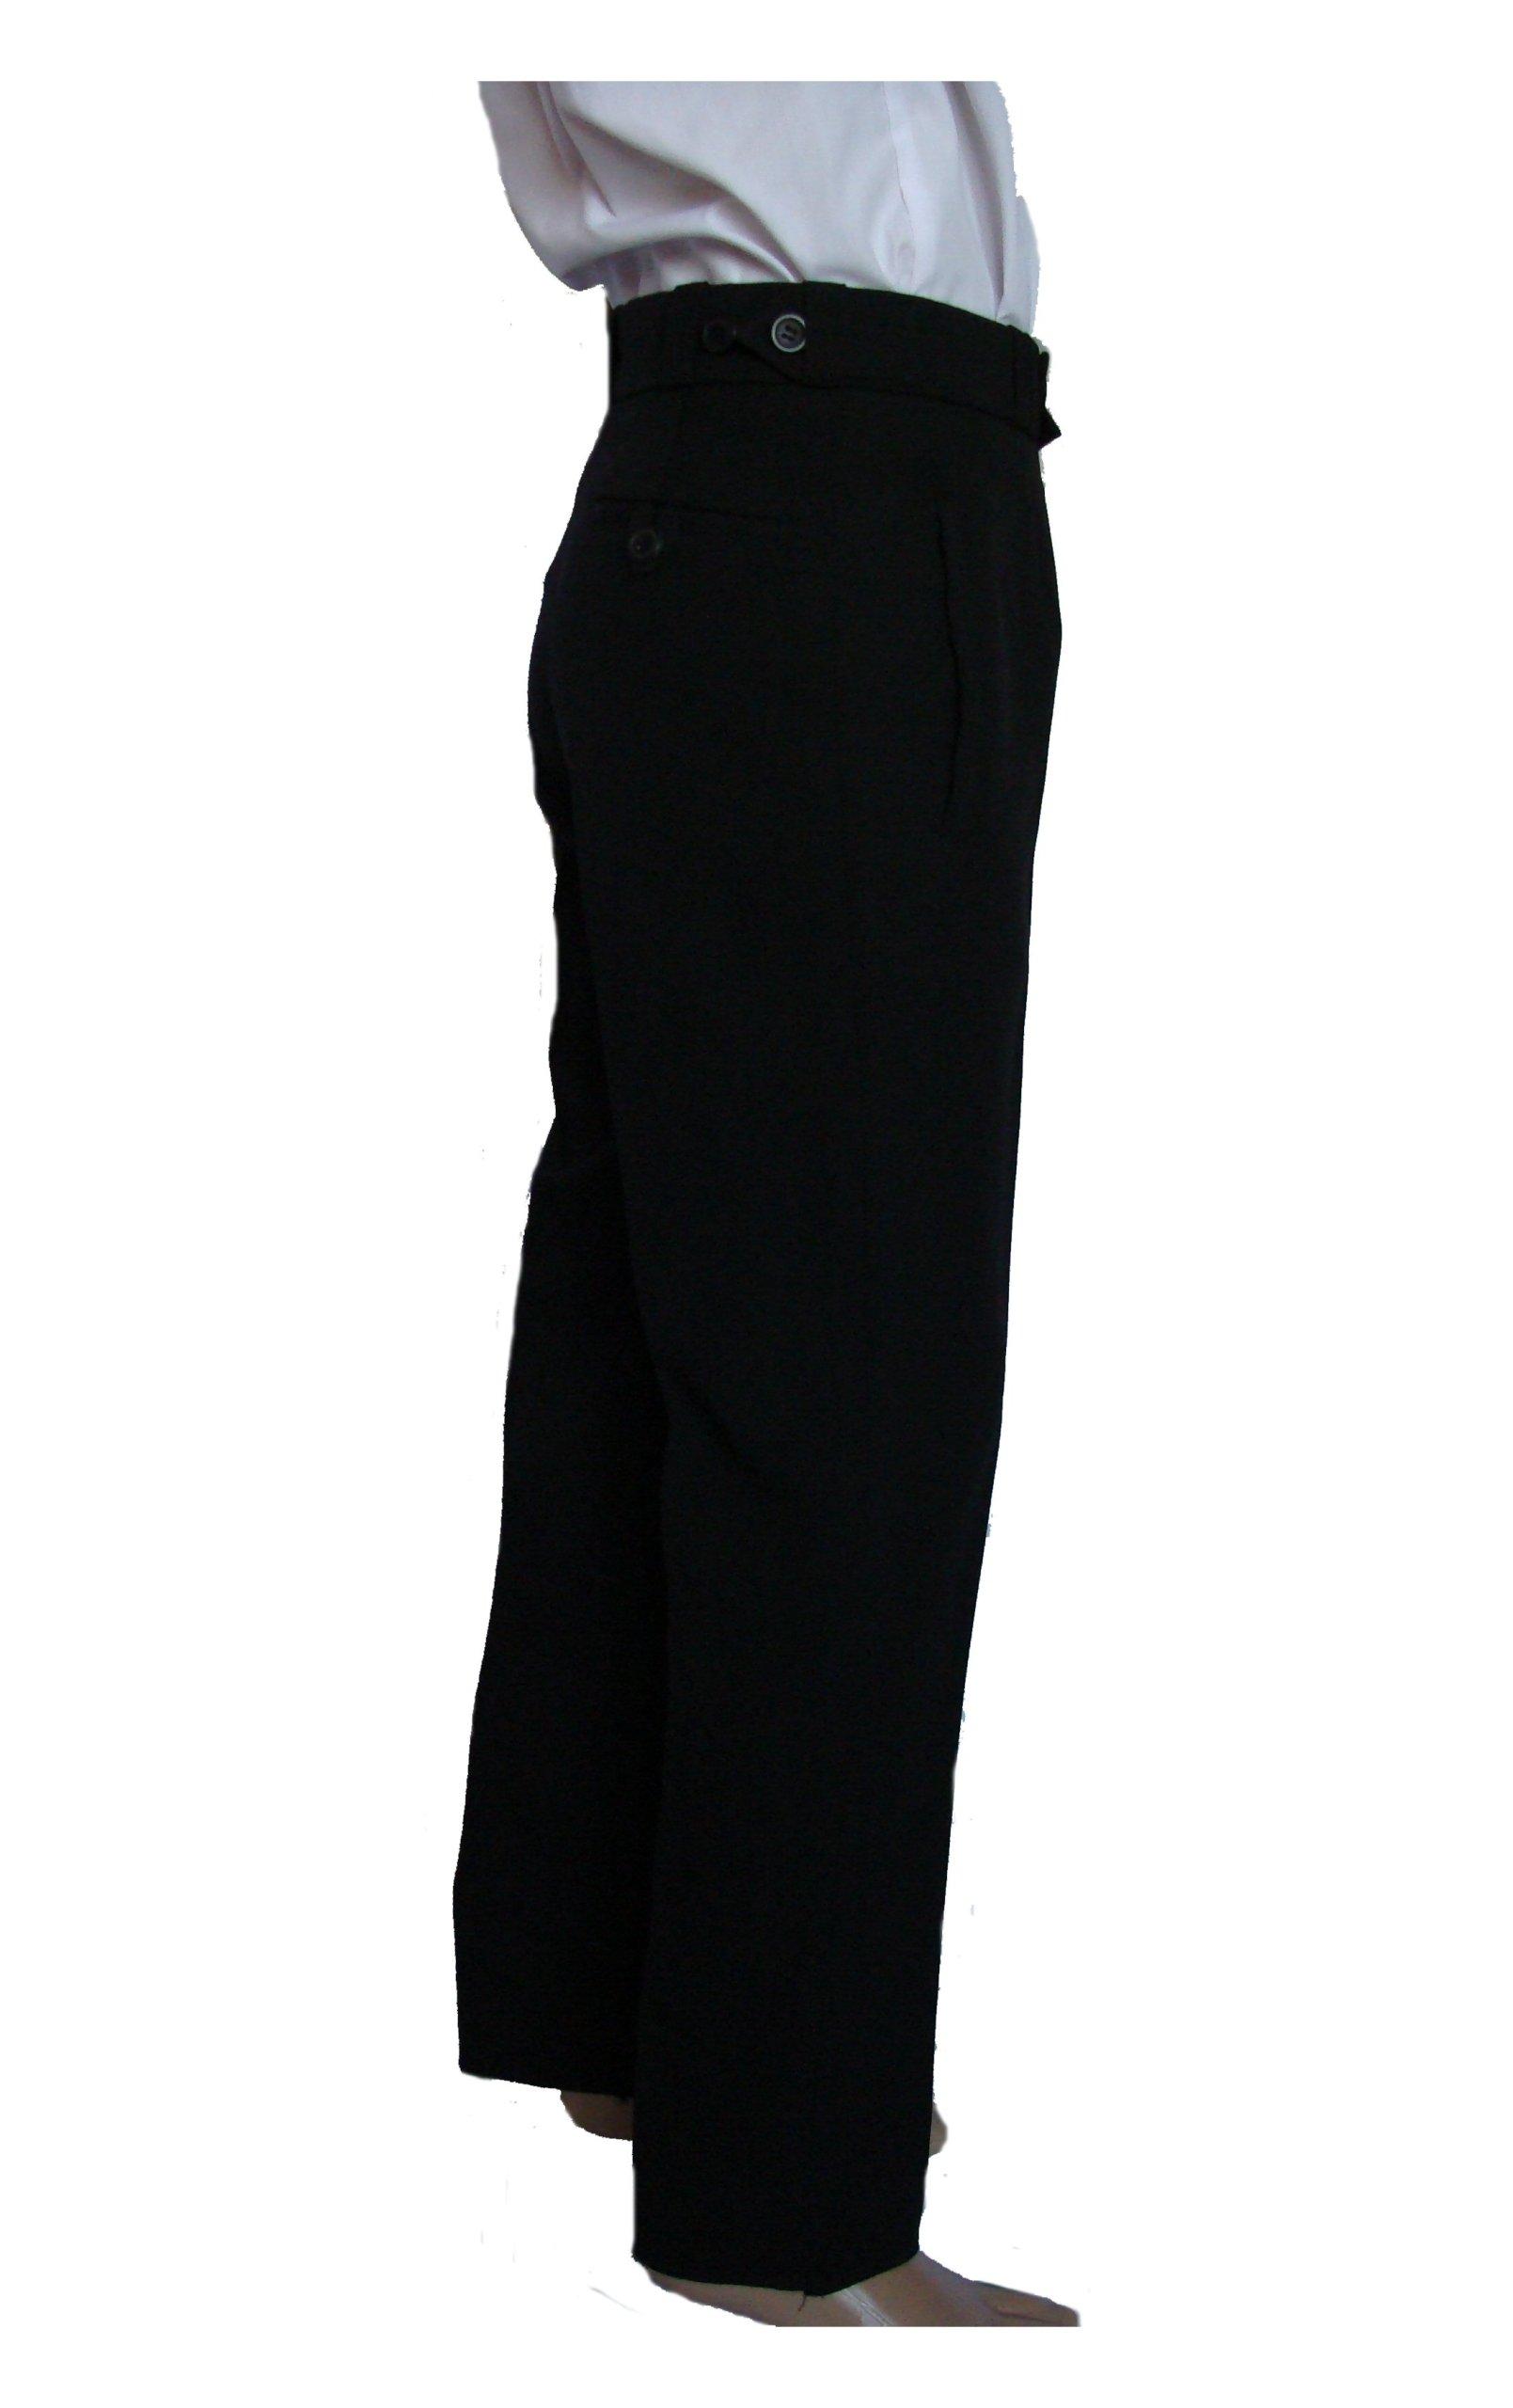 84455c0e9c6b0 Spodnie młodzieżowe garniturowe wizytowe 170 cm - 7174050124 ...